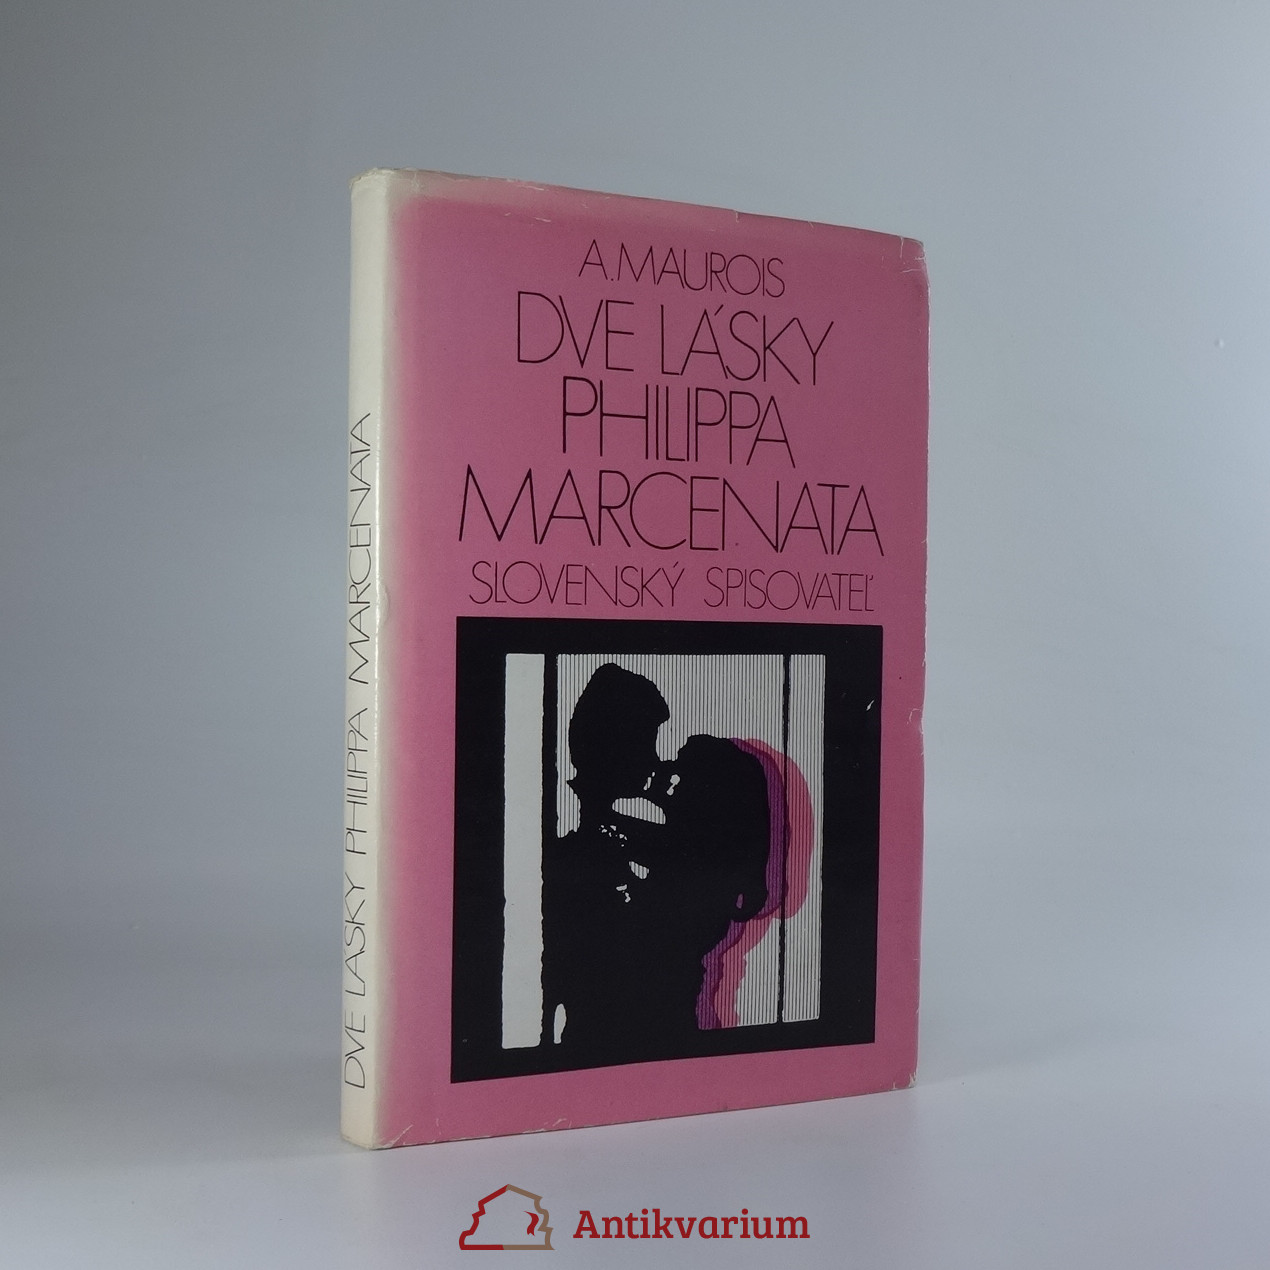 antikvární kniha Dve lásky Philippa Marcenata, 1974